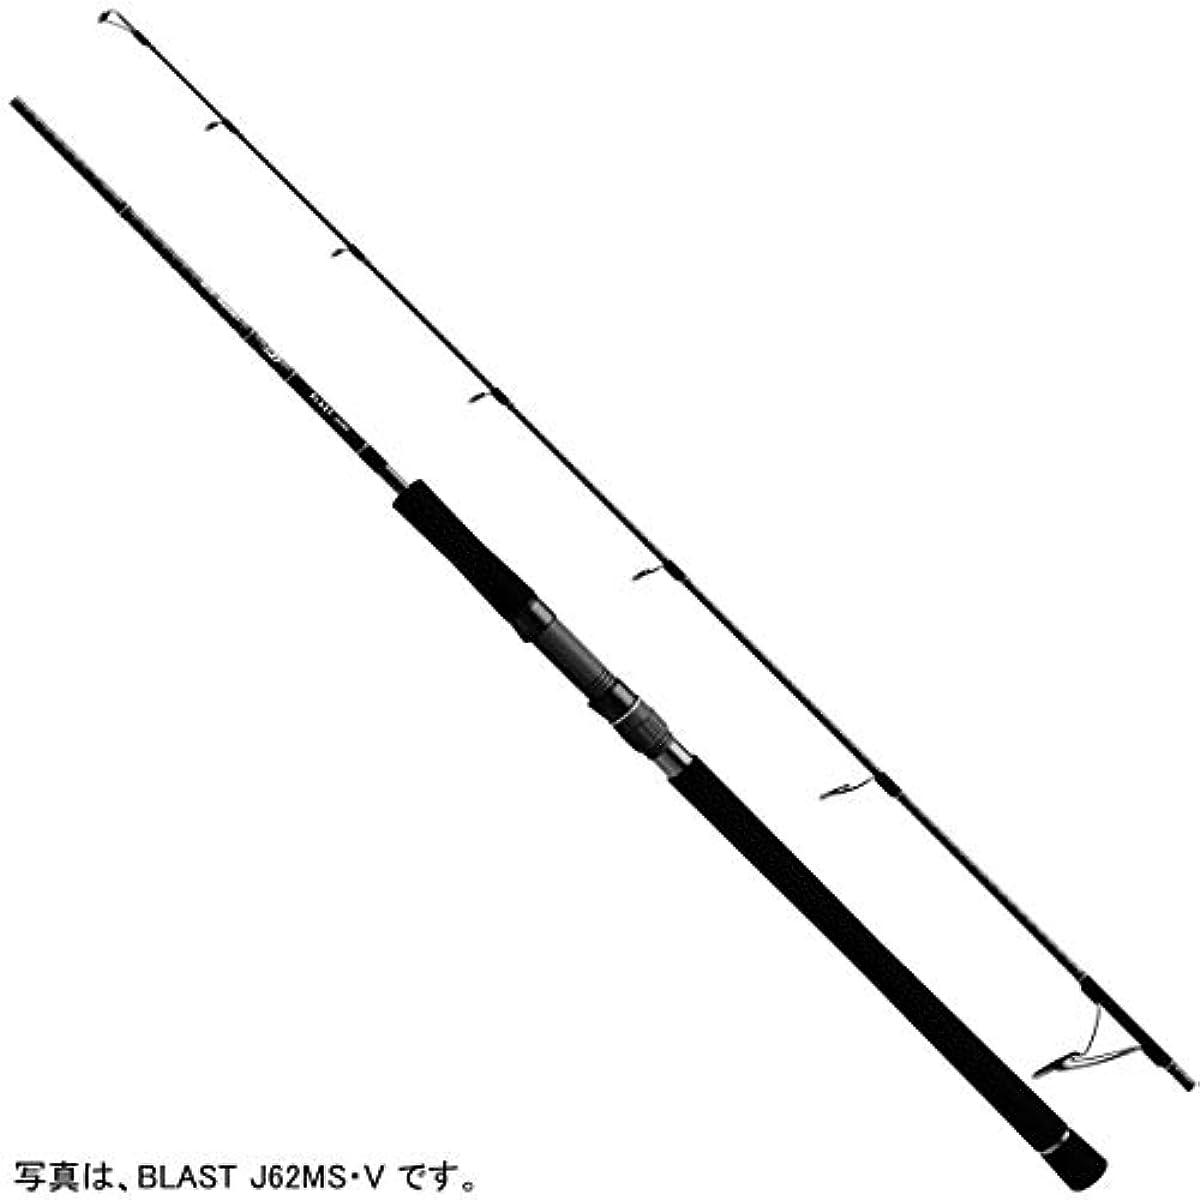 [해외] 다이와 지깅 로드 오프쇼어offshore 스피닝 blast J62MSV 지깅 오프쇼어offshore 낚싯대